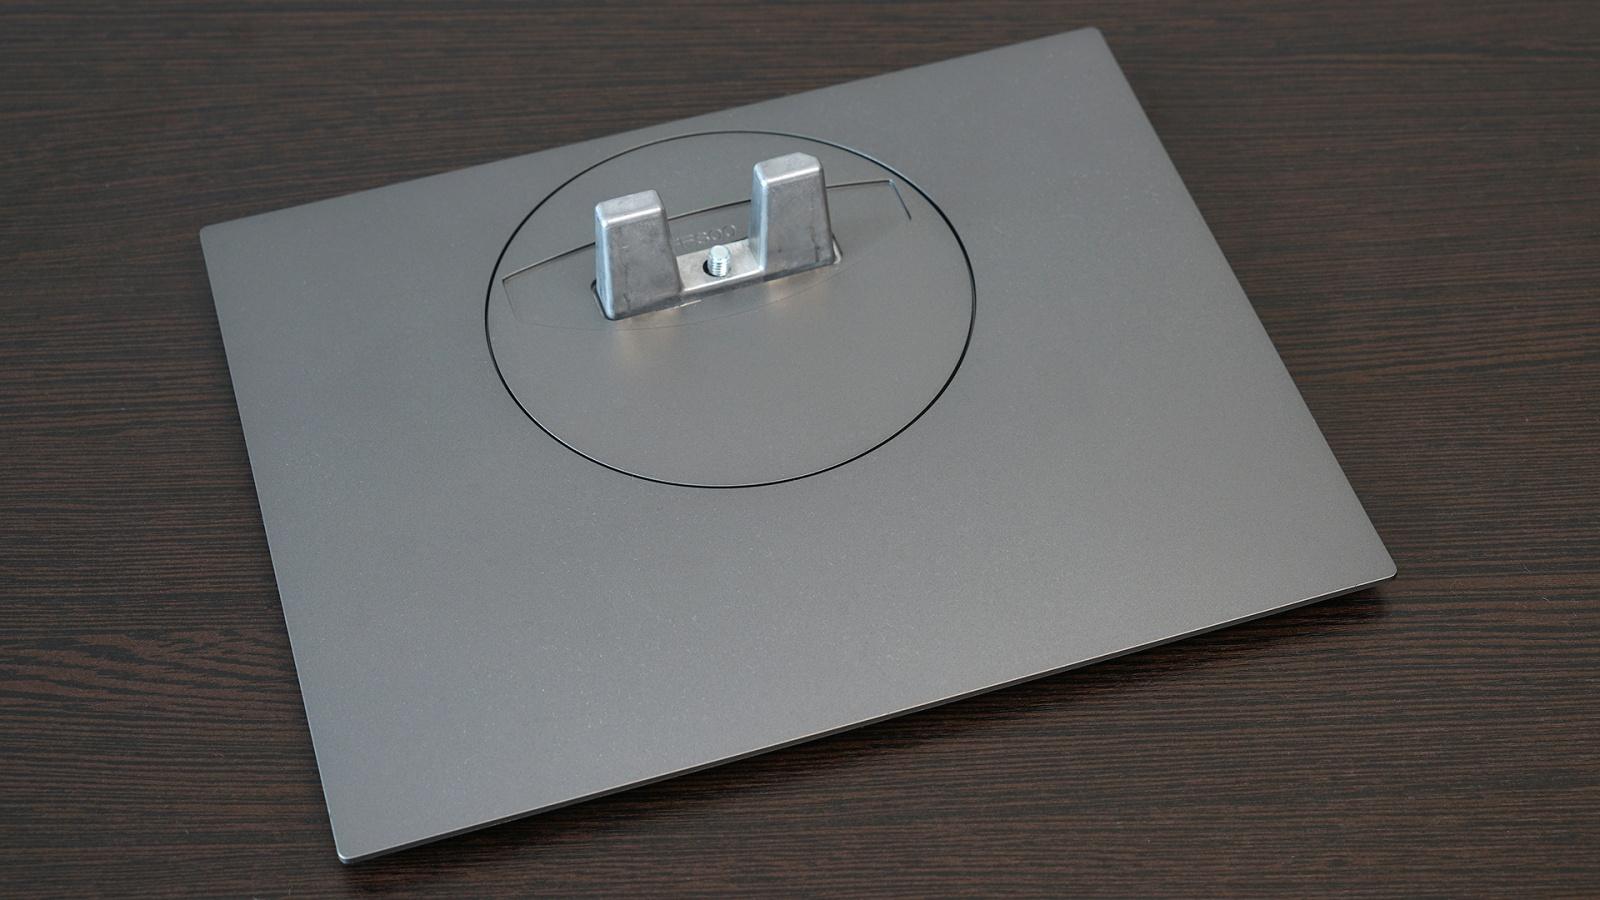 Dell OptiPlex 7070 Ultra: модульный компьютер, который превращает в моноблок любой монитор - 3